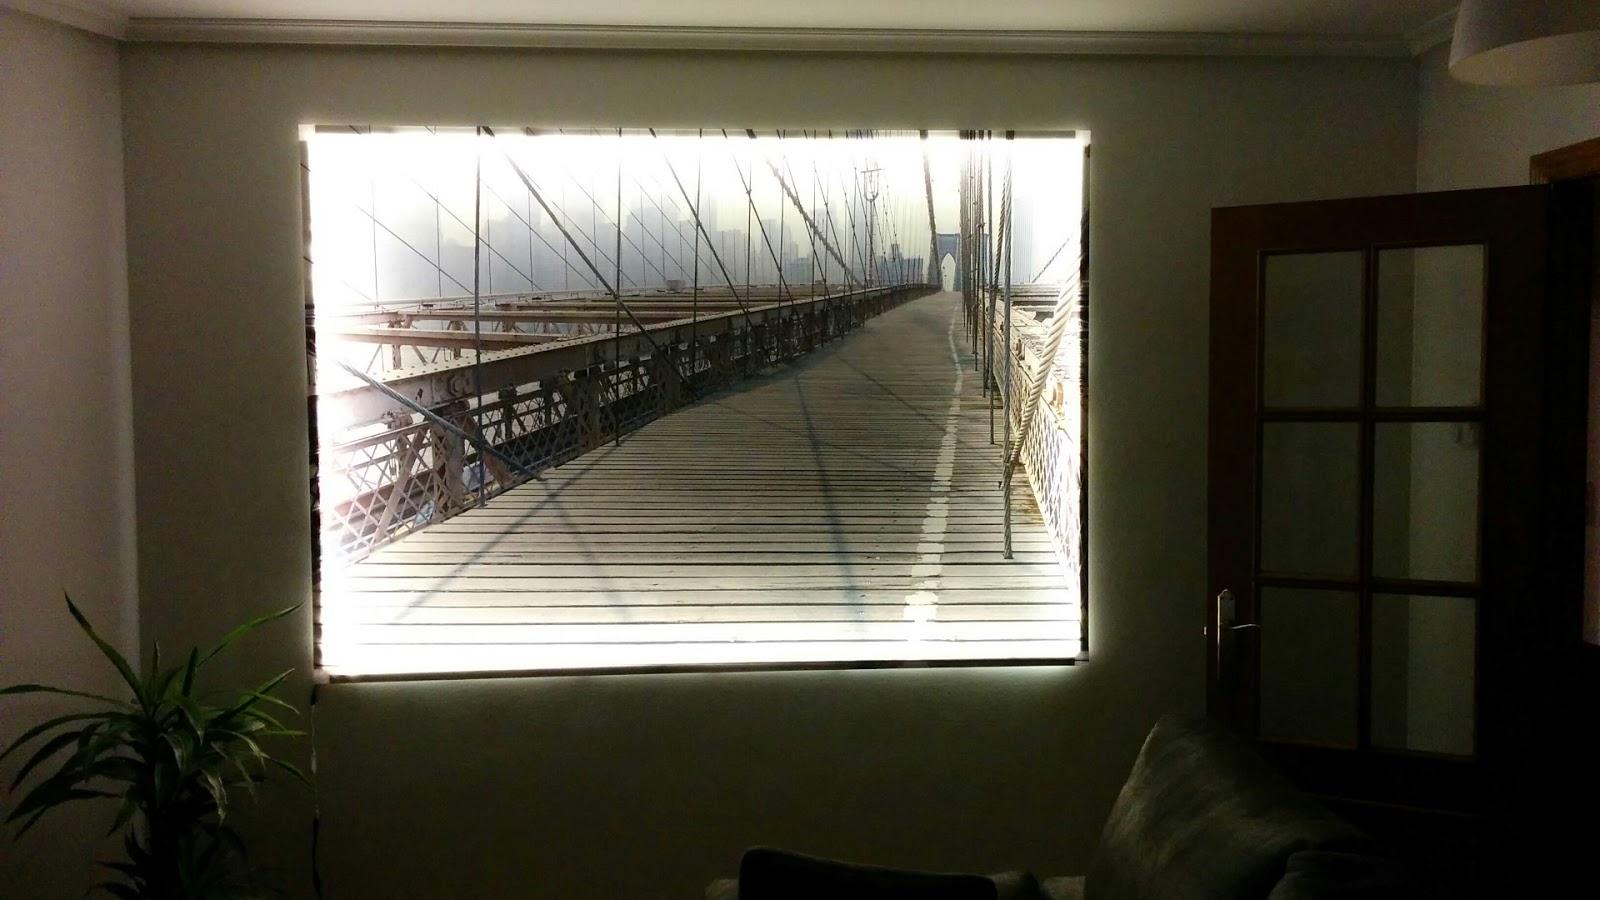 Cosas de cosas retroilumina tu cuadro de ikea con luces led - Cosas de ikea ...